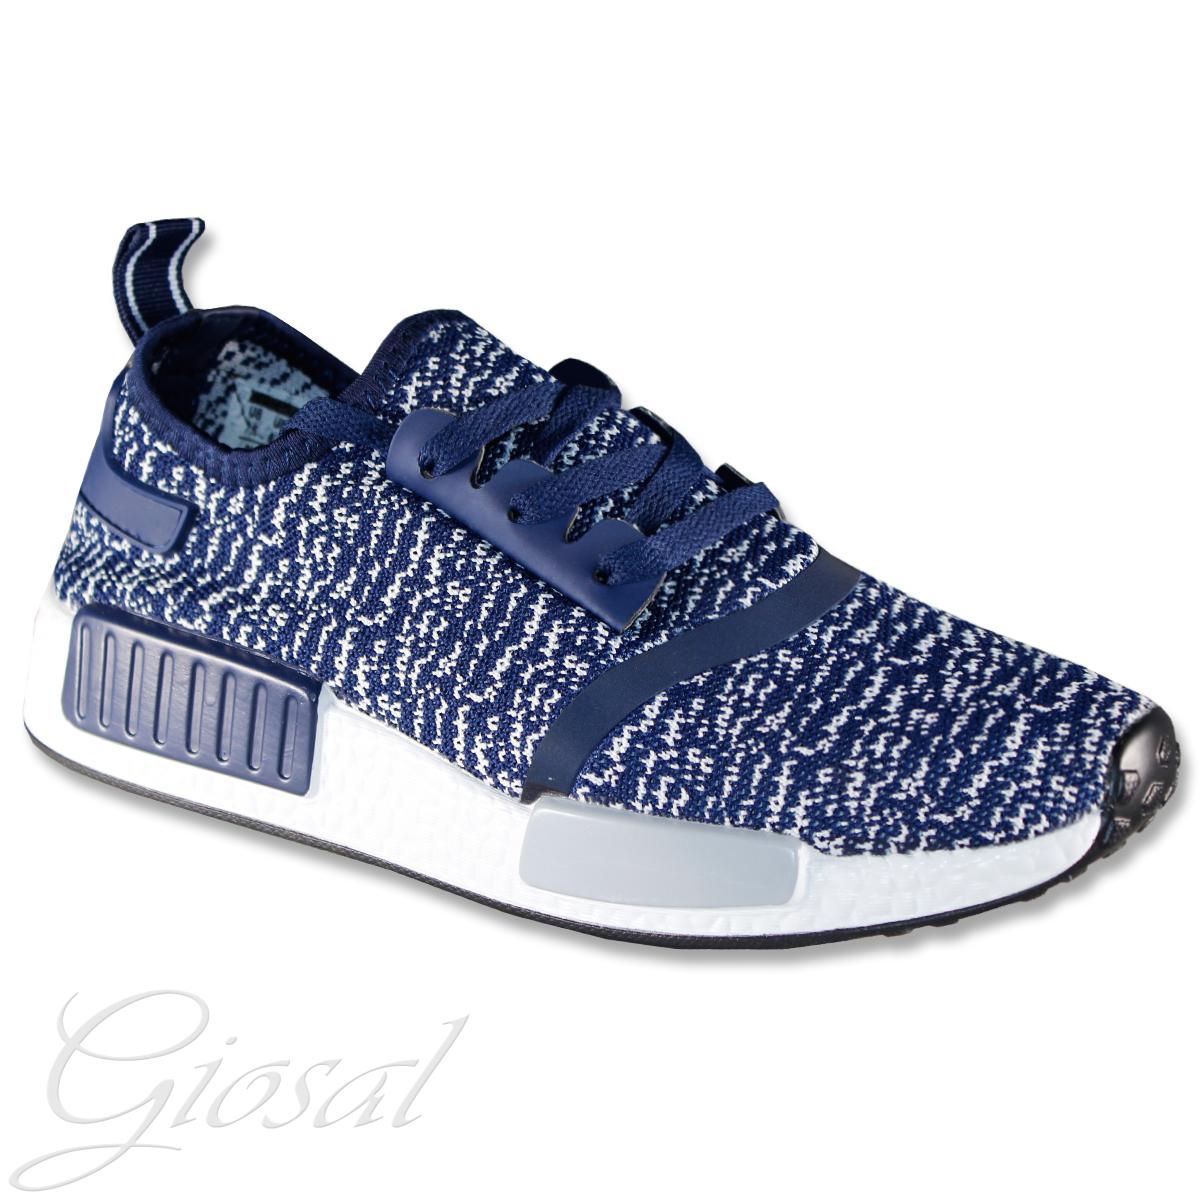 Dettagli su Scarpe Uomo Casual Sneakers Sportive Corsa Calzature Blu Lacci  GIOSAL 80b6c253278